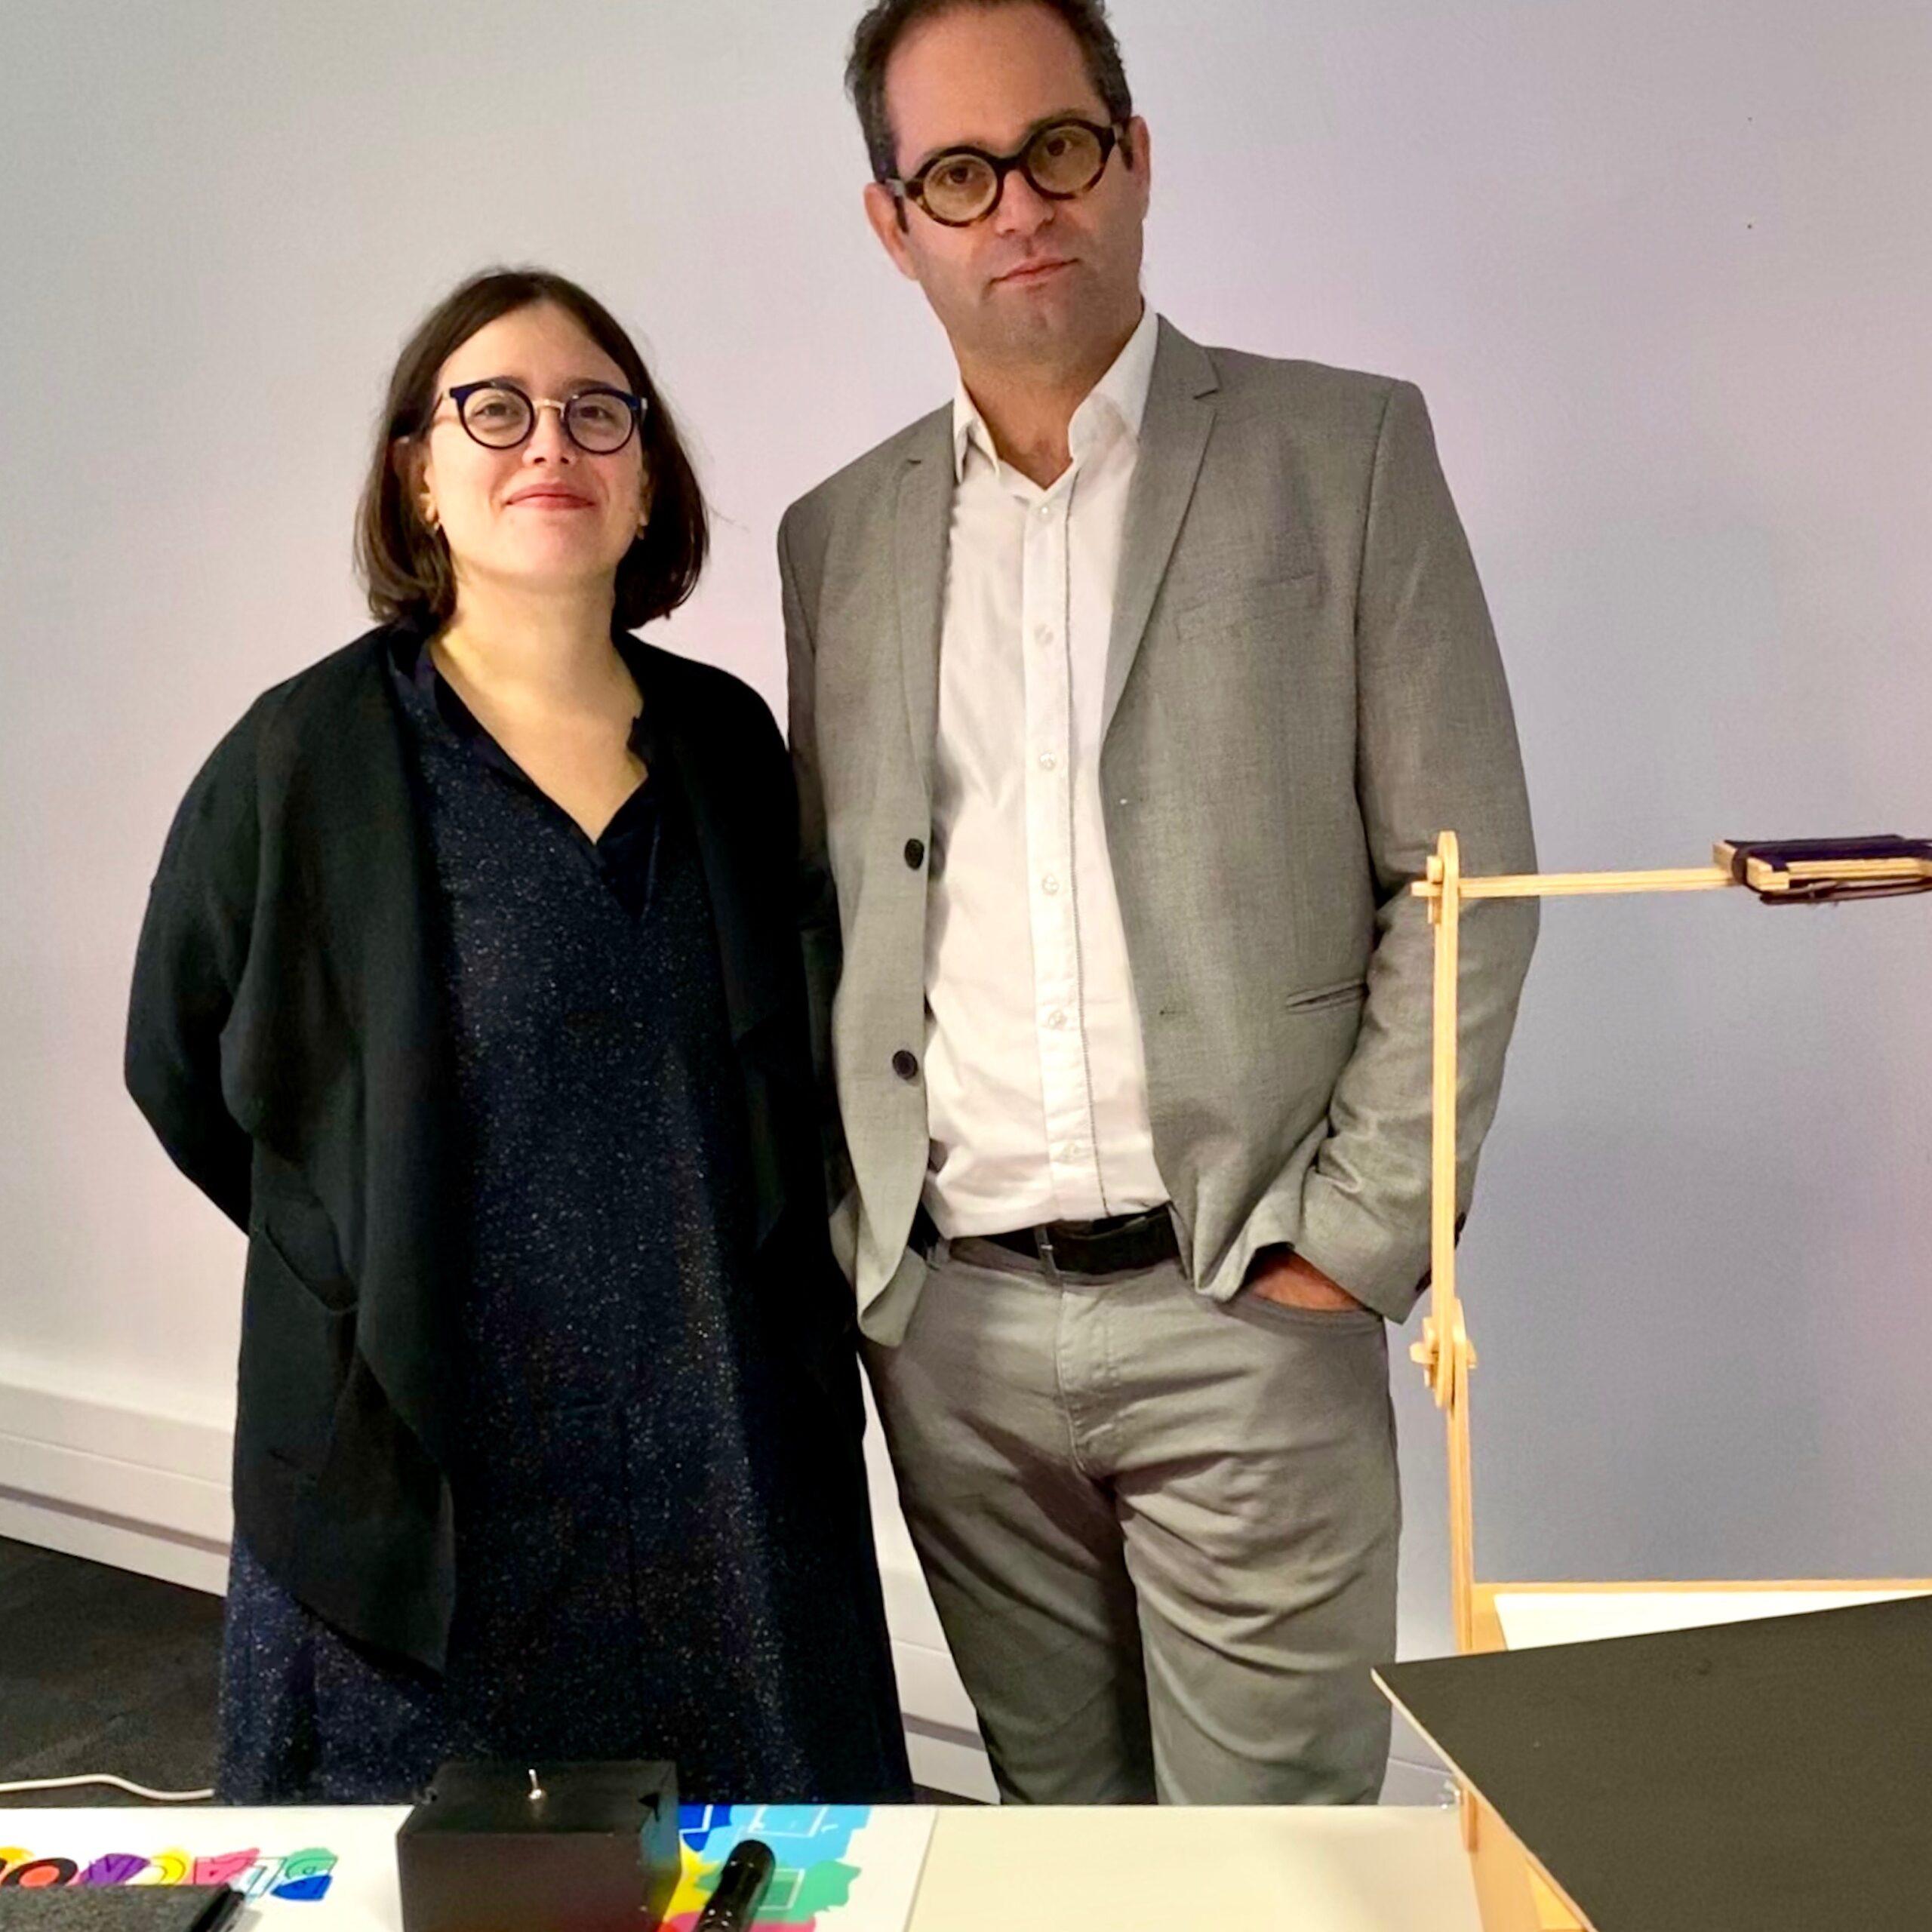 Soutenance de thèse de Rose Dumesny le 6 décembre 2019